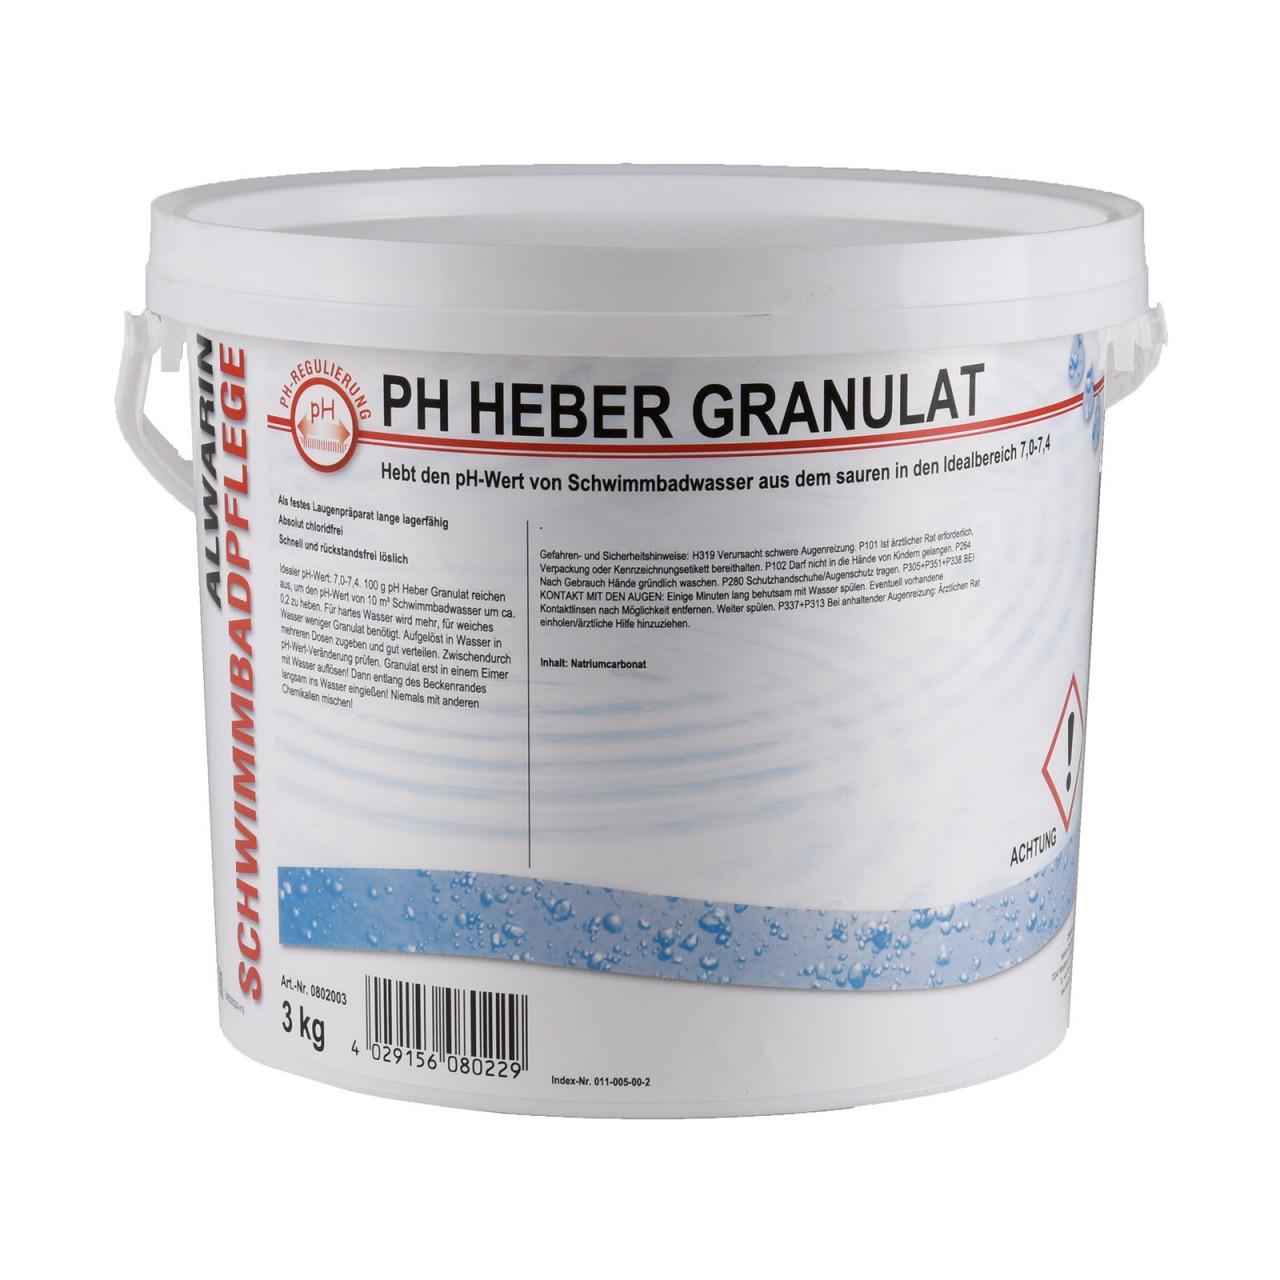 5 66 1kg ph heber ph plus pulver 3 kg made in germany. Black Bedroom Furniture Sets. Home Design Ideas